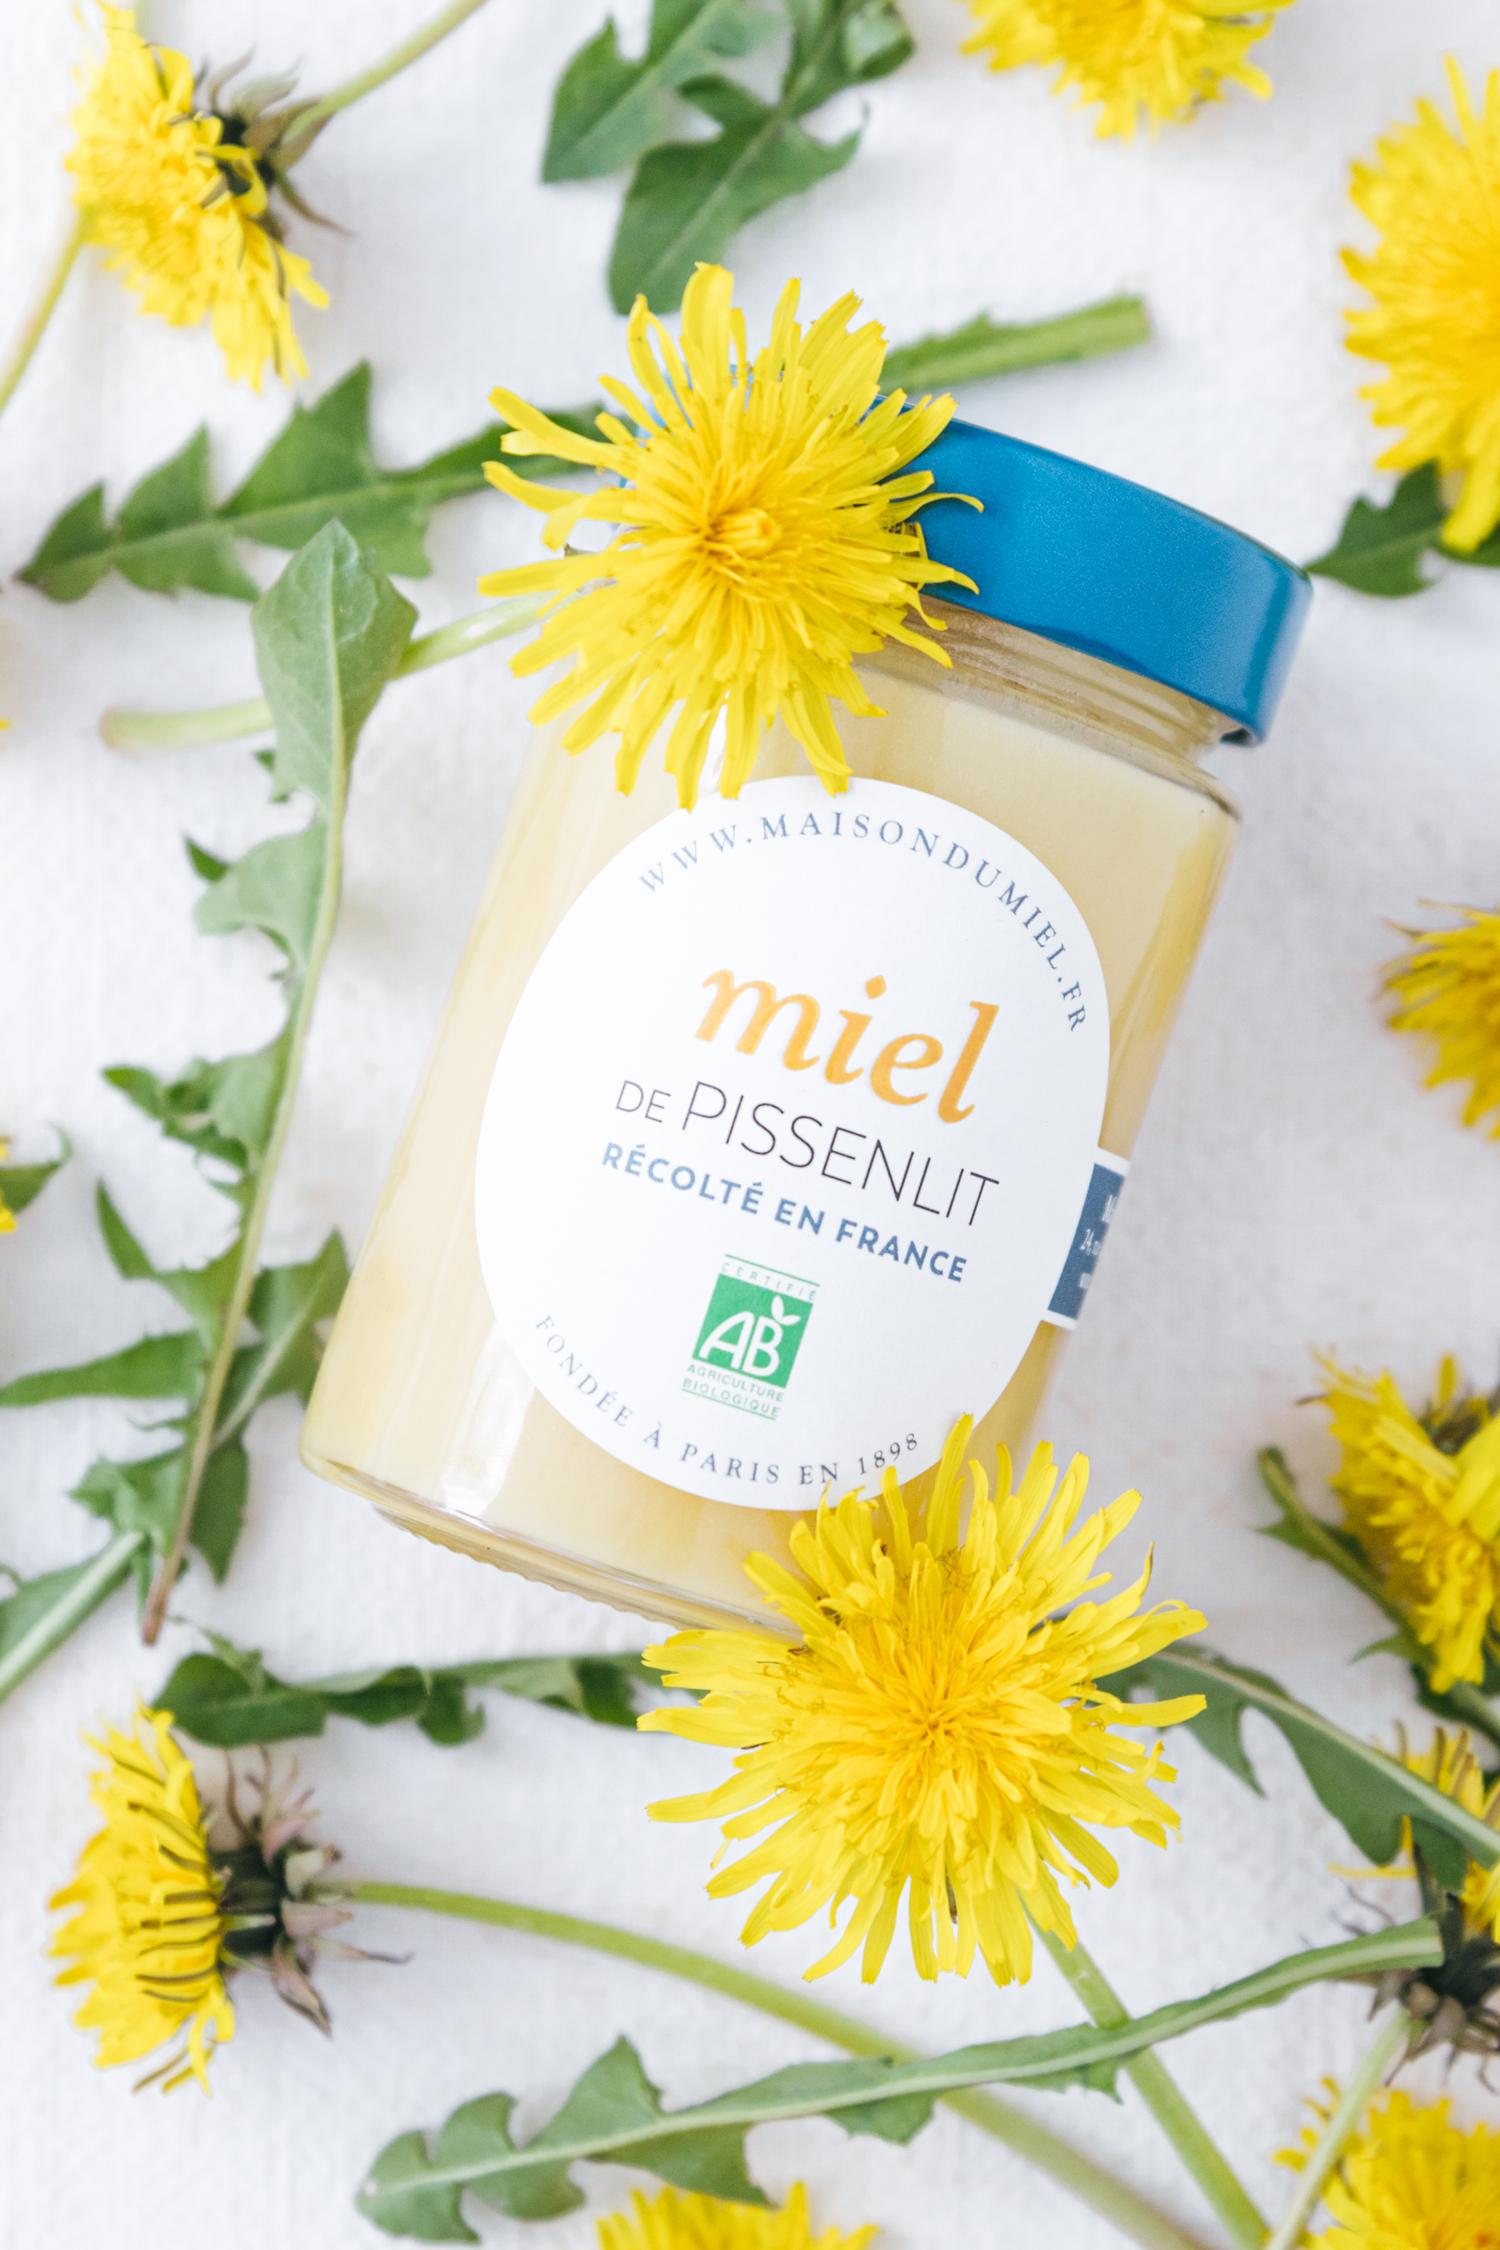 Miel de Pissenlit Origine France BIO   La Maison du Miel